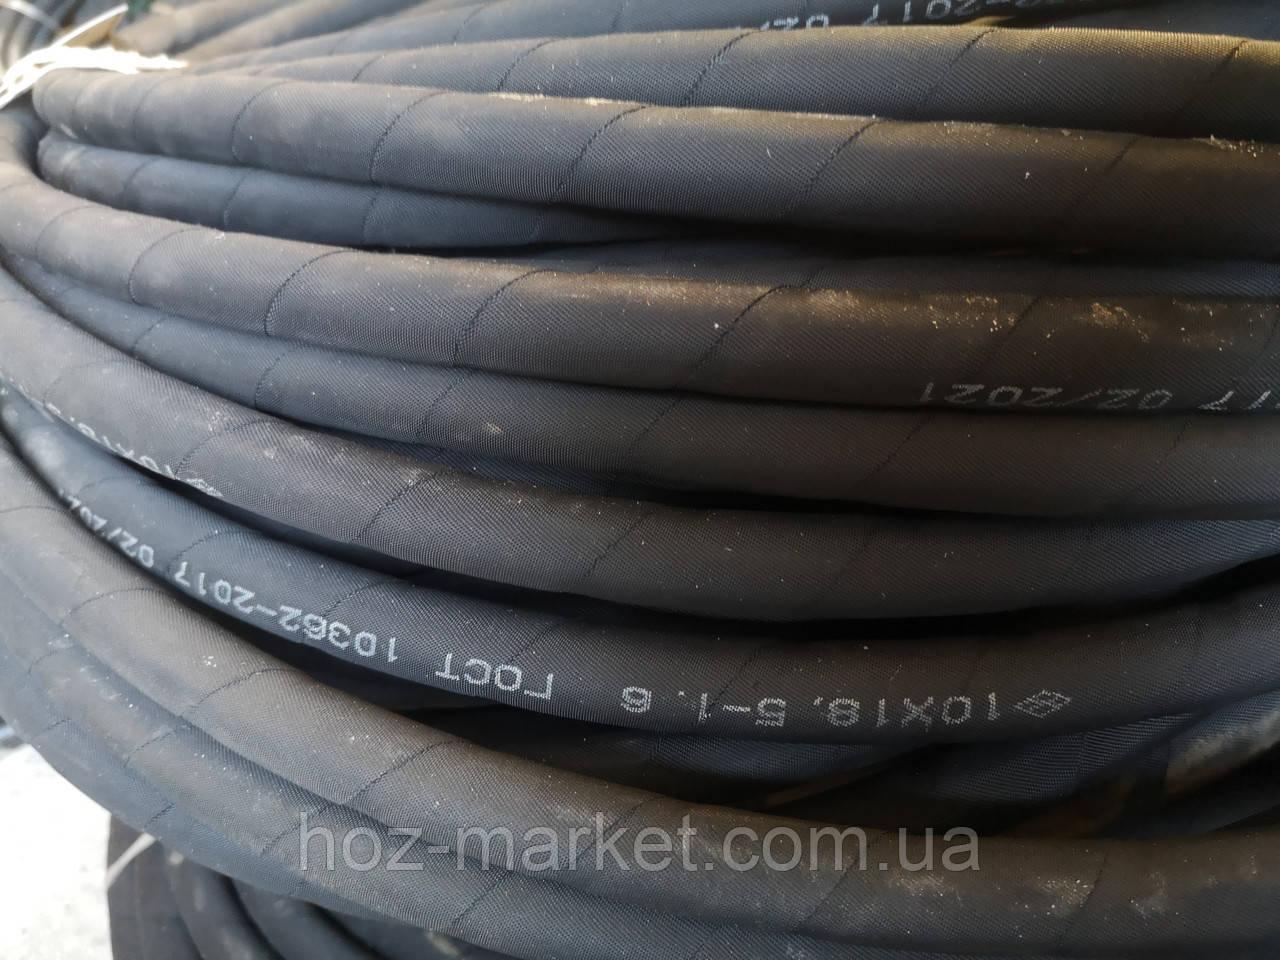 Рукав(шланг) напорный МБС 6мм 16атм ГОСТ 10362-2017